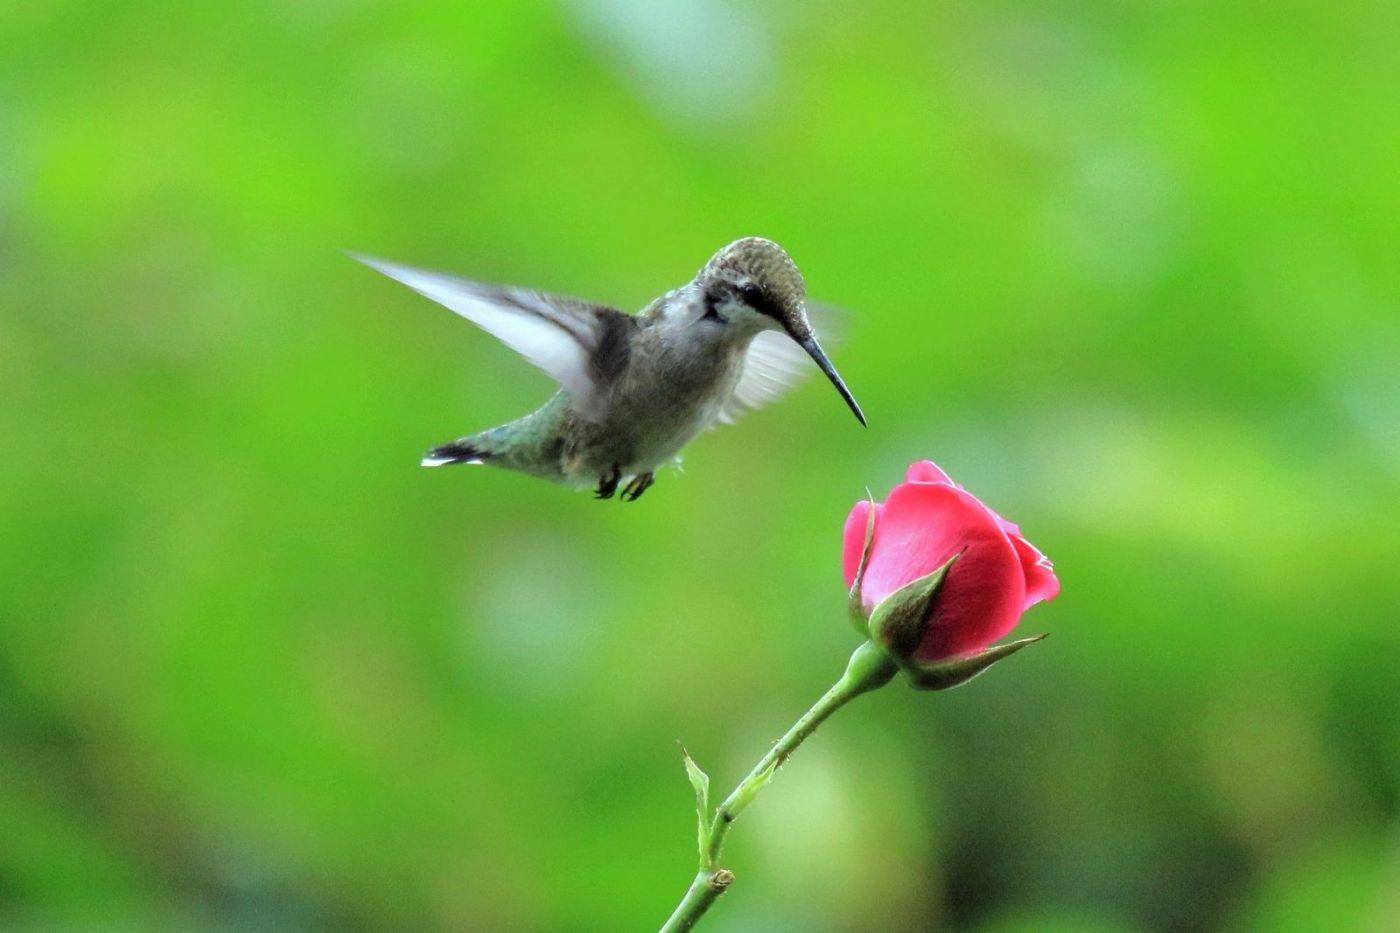 凯辛娜公园拍的蜂鸟_图1-3